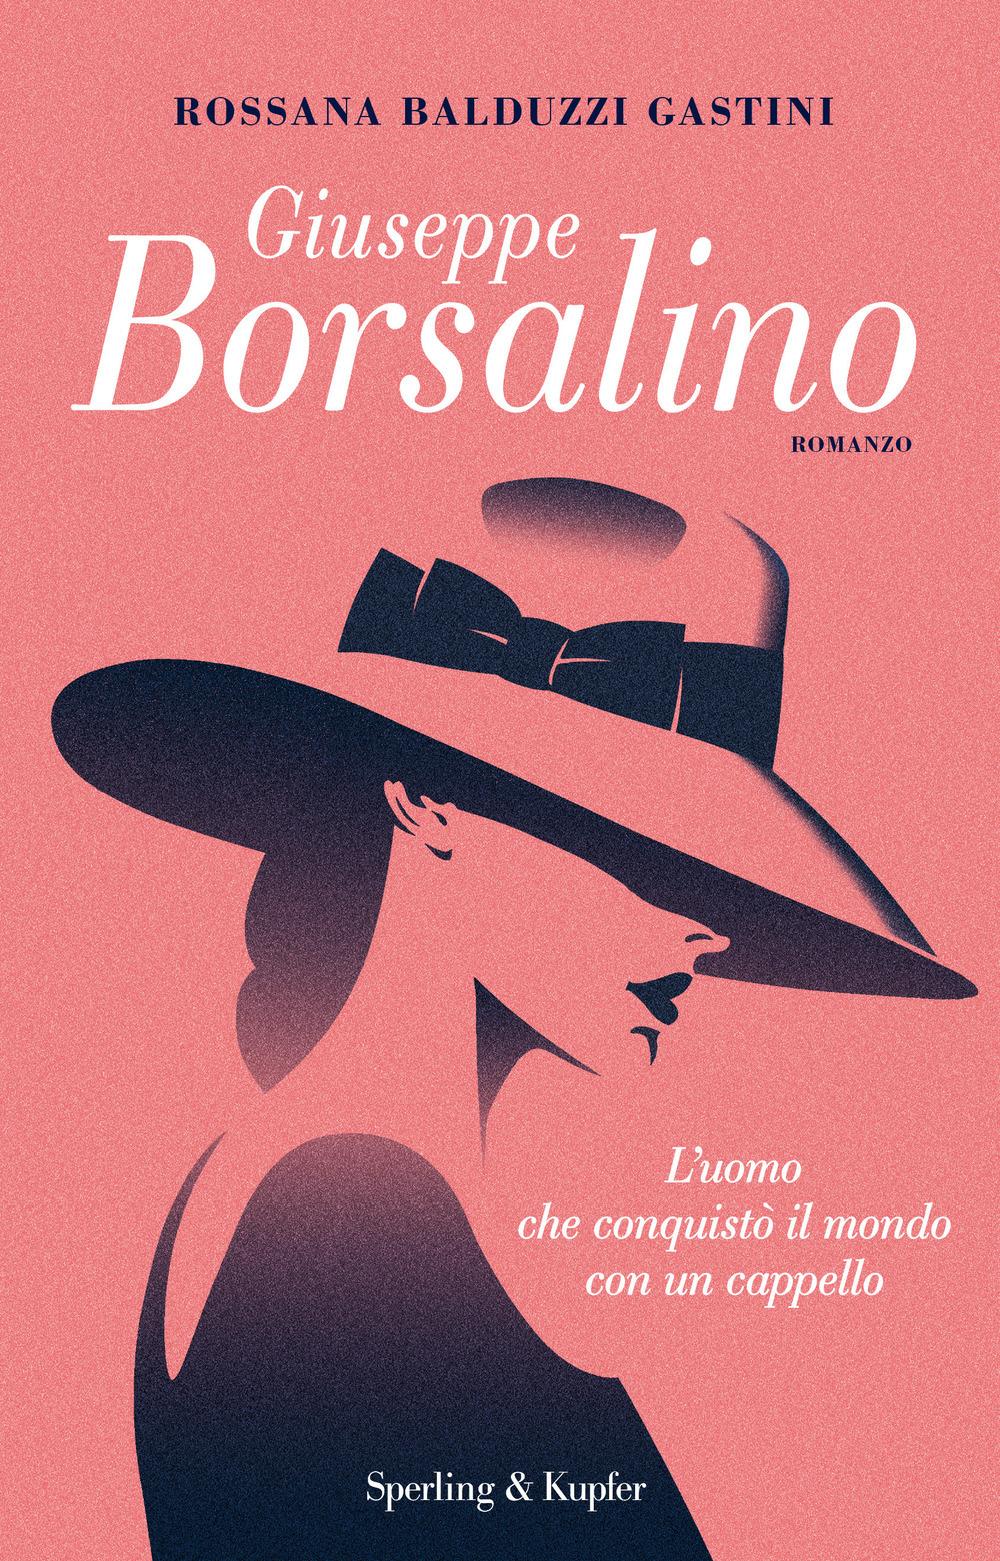 Image of Giuseppe Borsalino